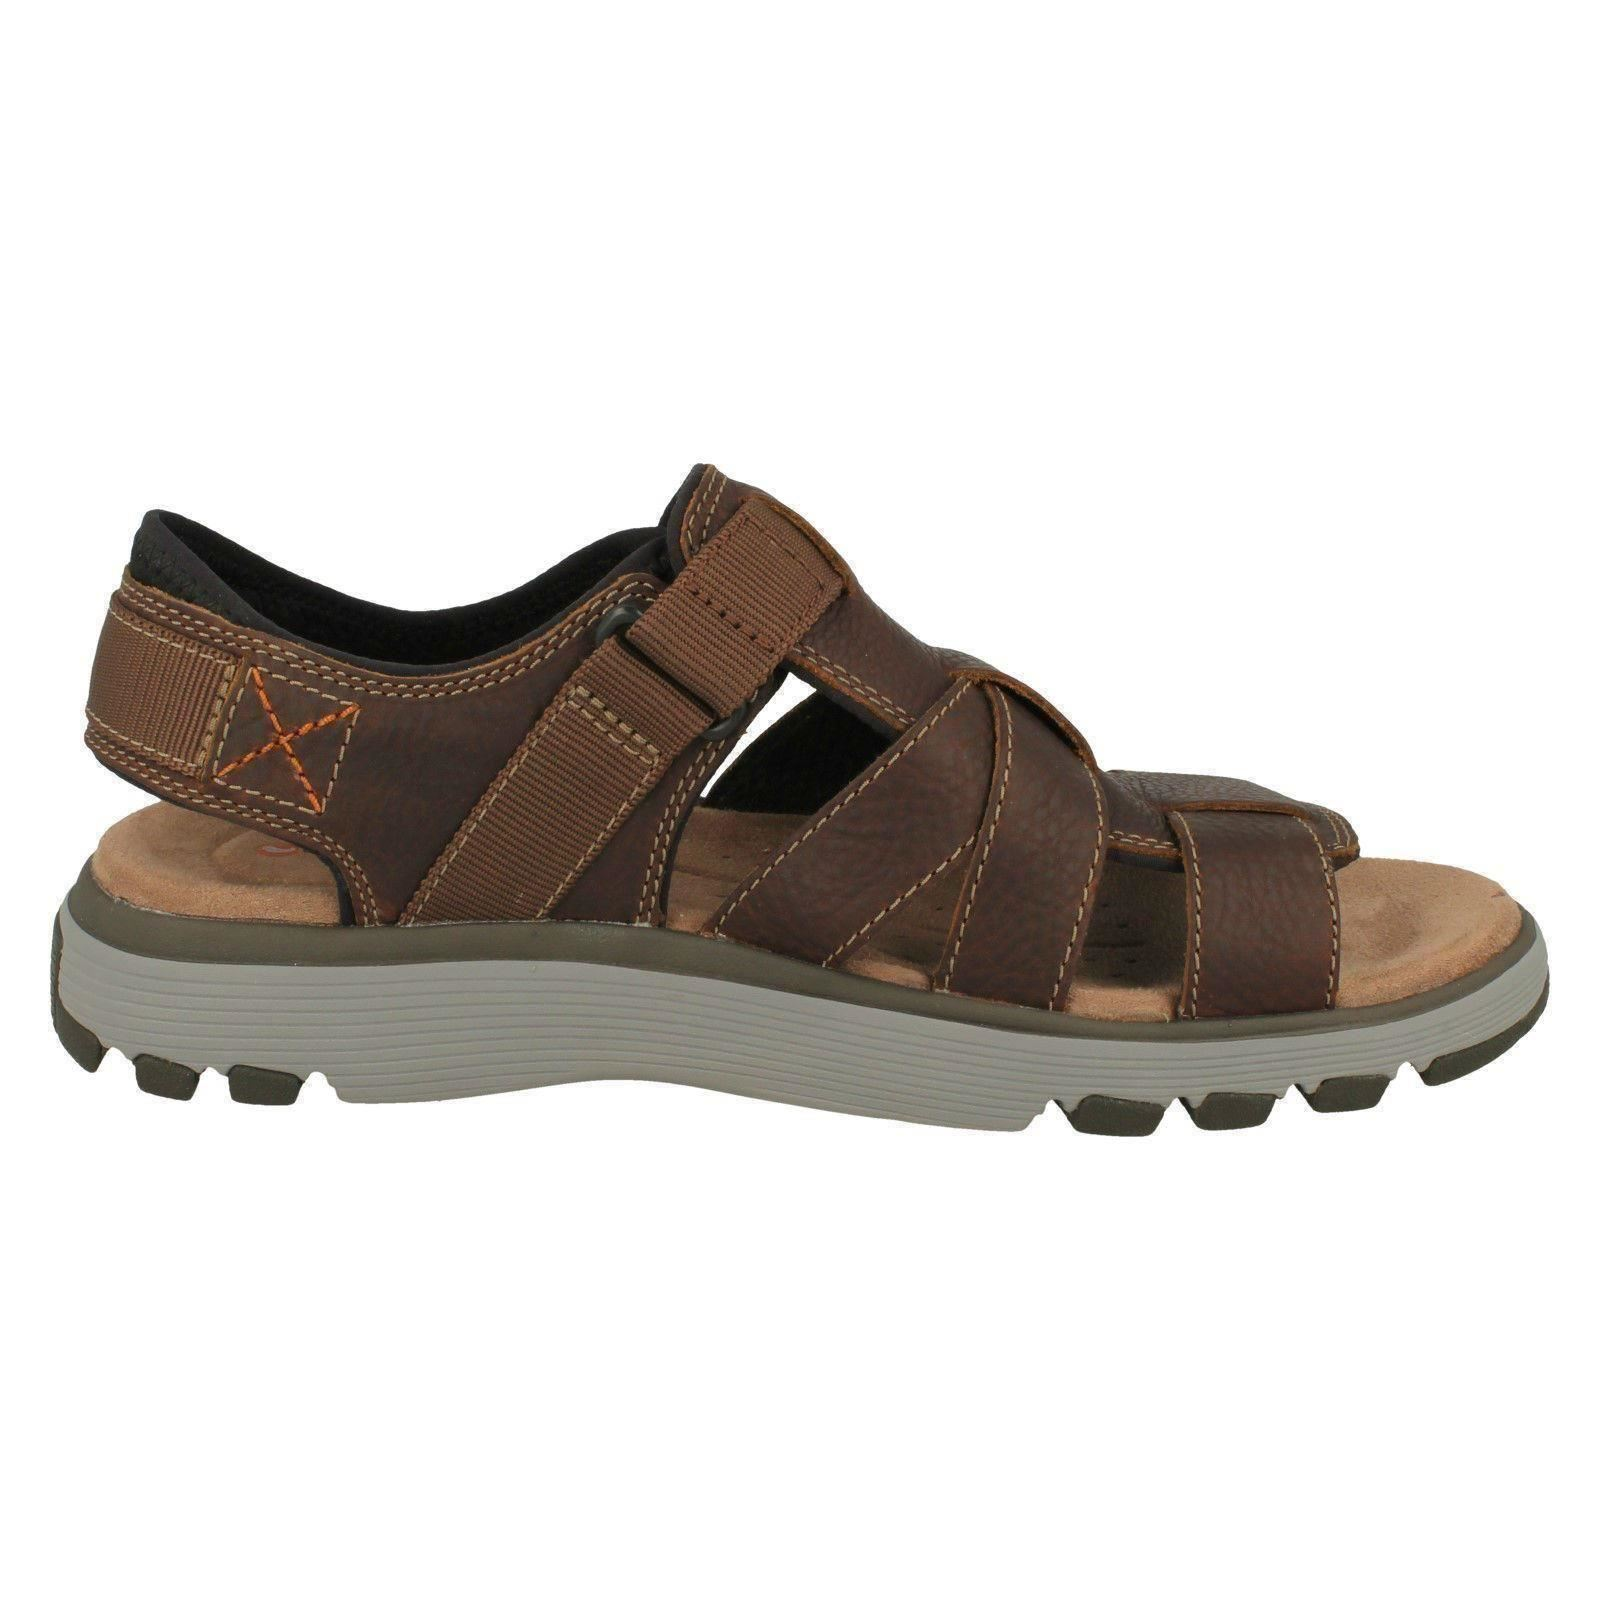 Mens Clarks Casual Open Toe Sandals Un Trek Cove